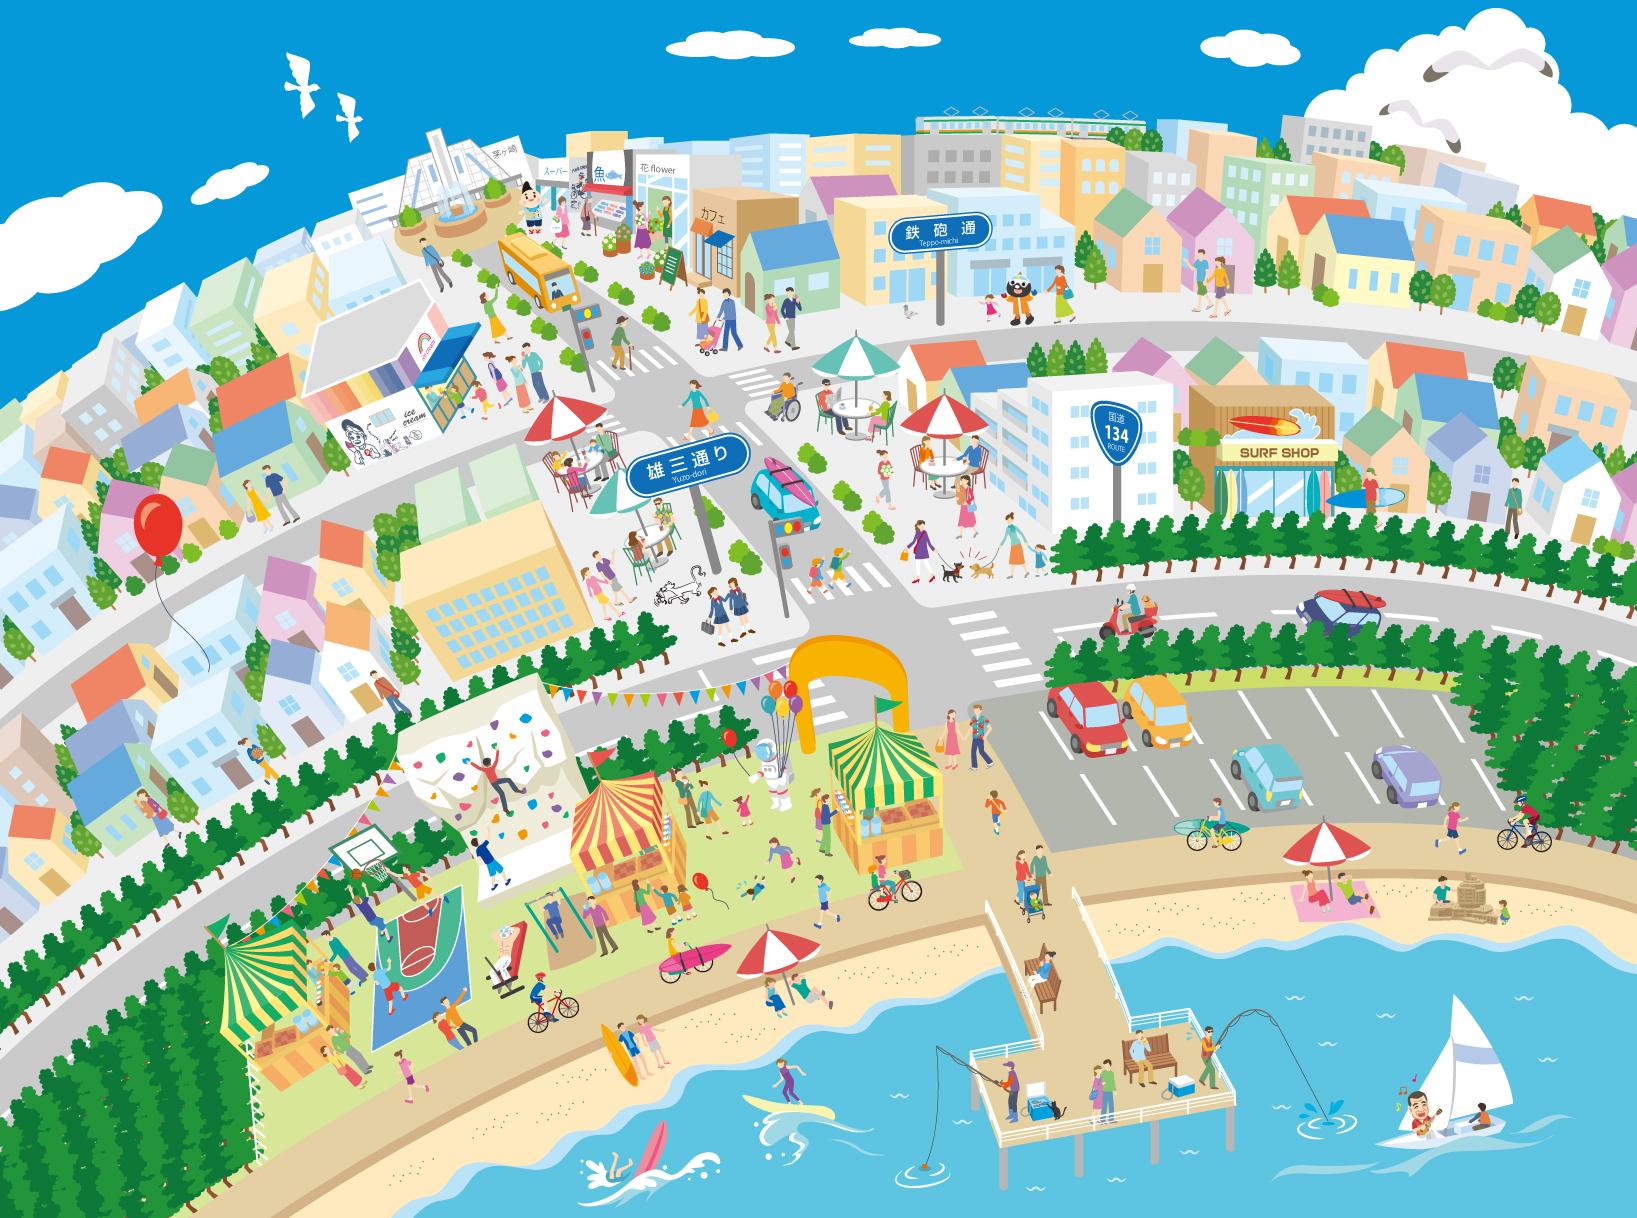 M40 カラフルな実在の街並み俯瞰イラスト制作例 海辺の街イラスト